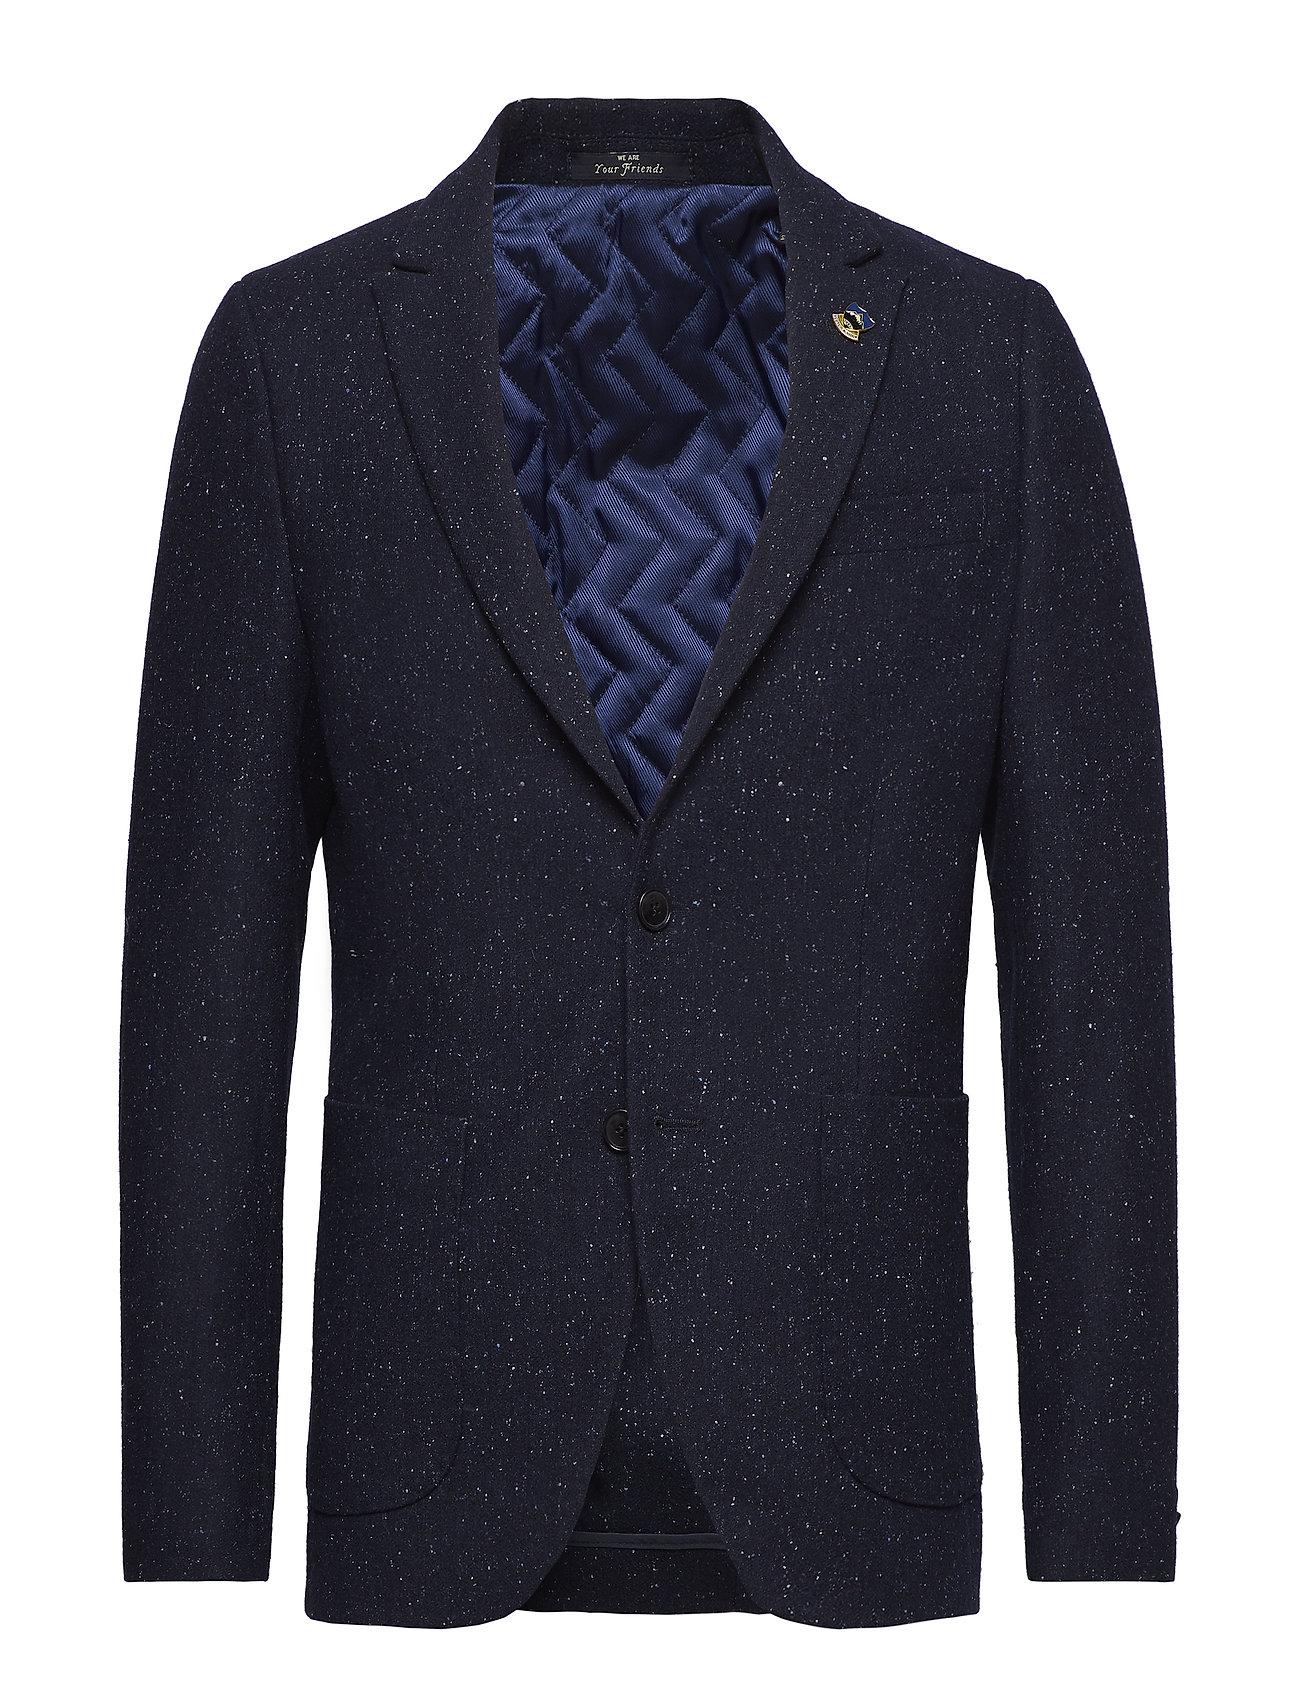 Scotch & Soda Half lined blazer in wool blend quality with neps Kostymer & kavajer